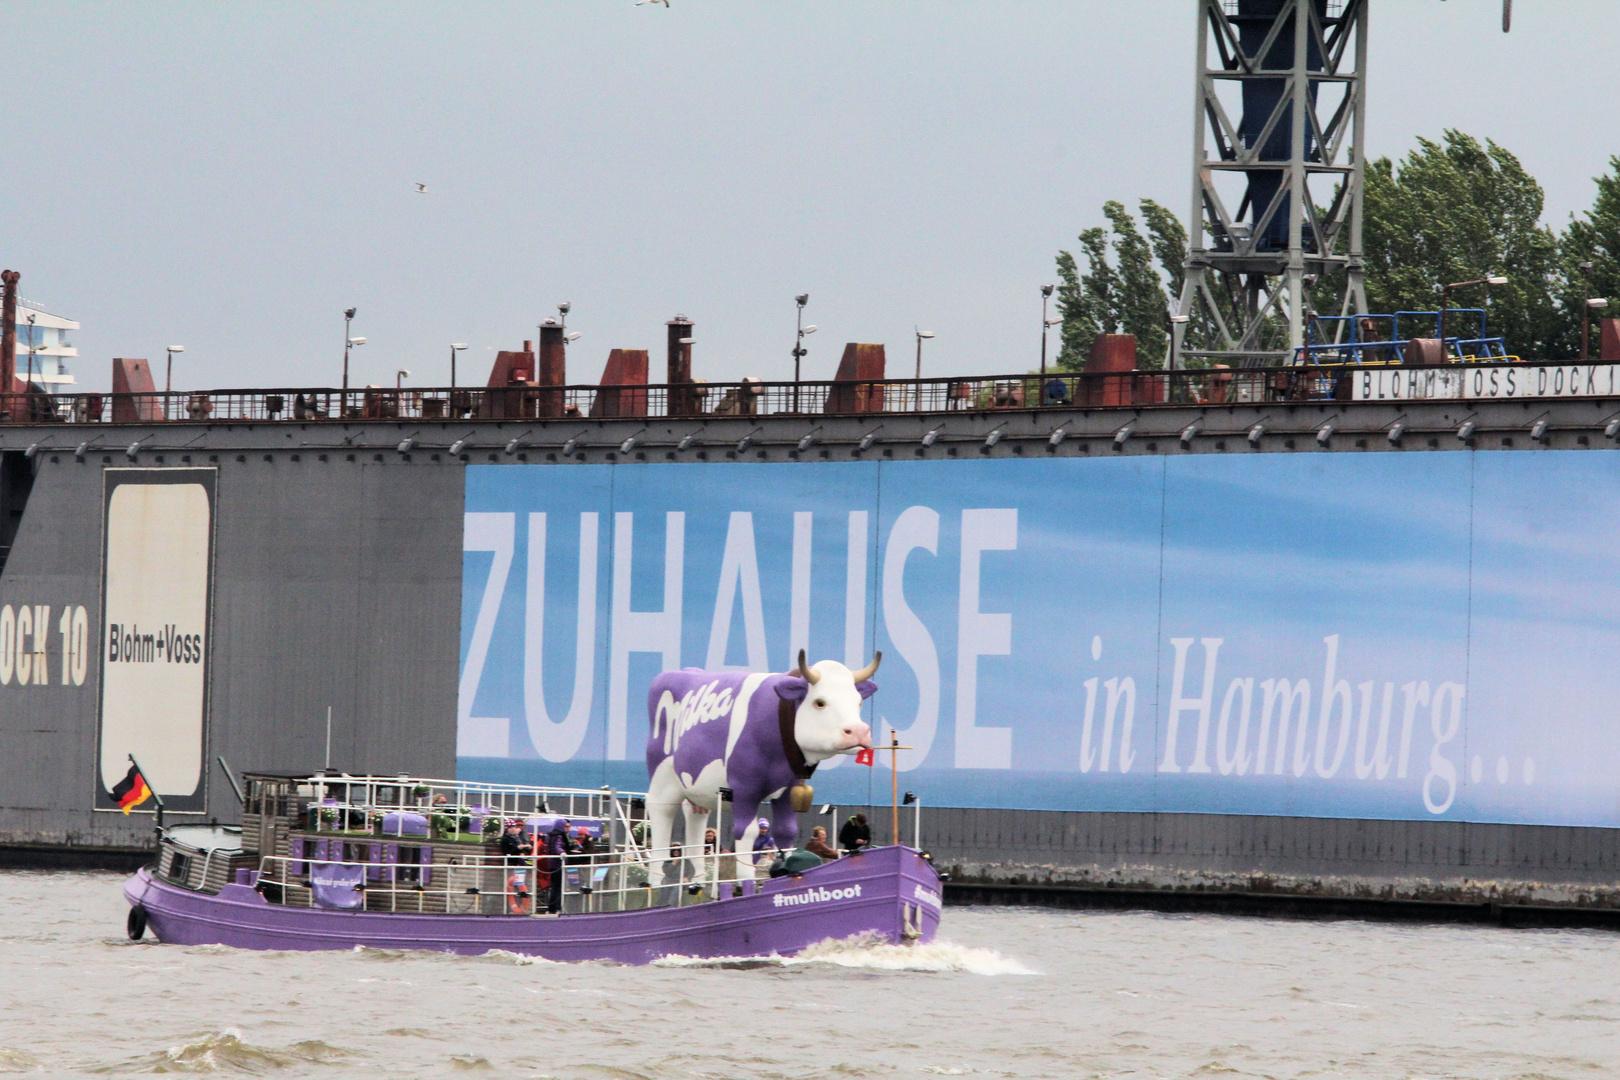 Wer so alles zuhause ist in Hamburg